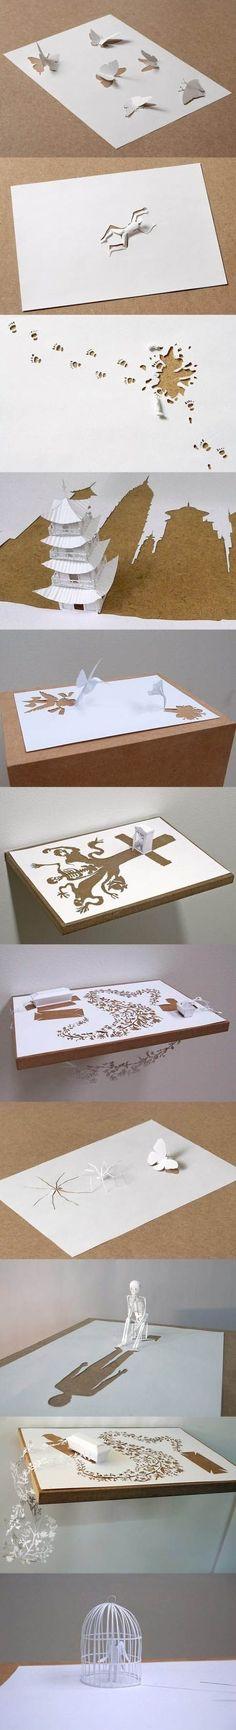 Arte en papel...